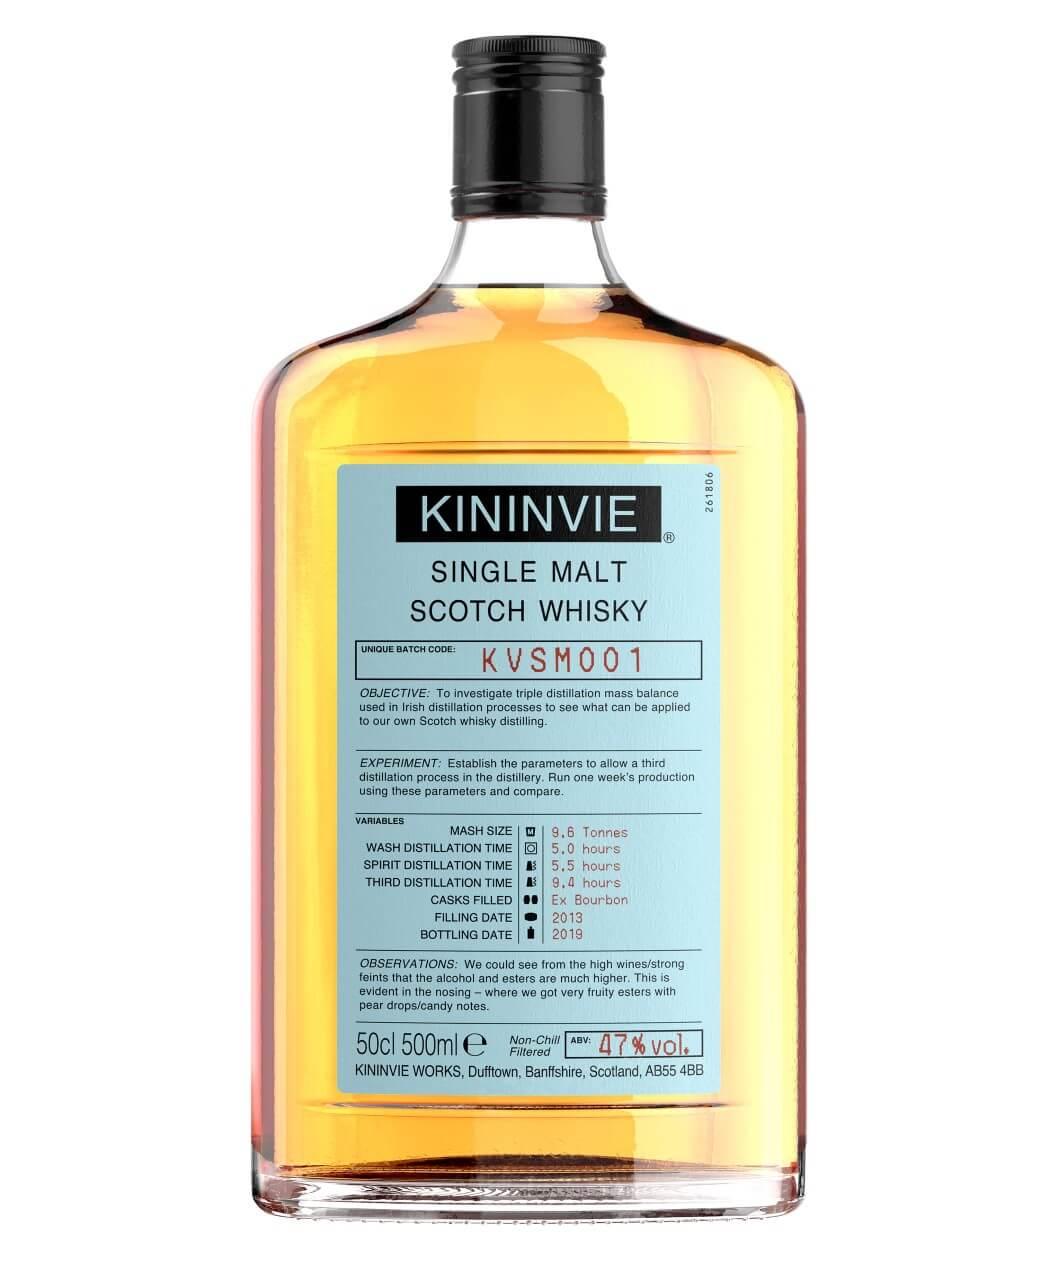 Kininvie single malt